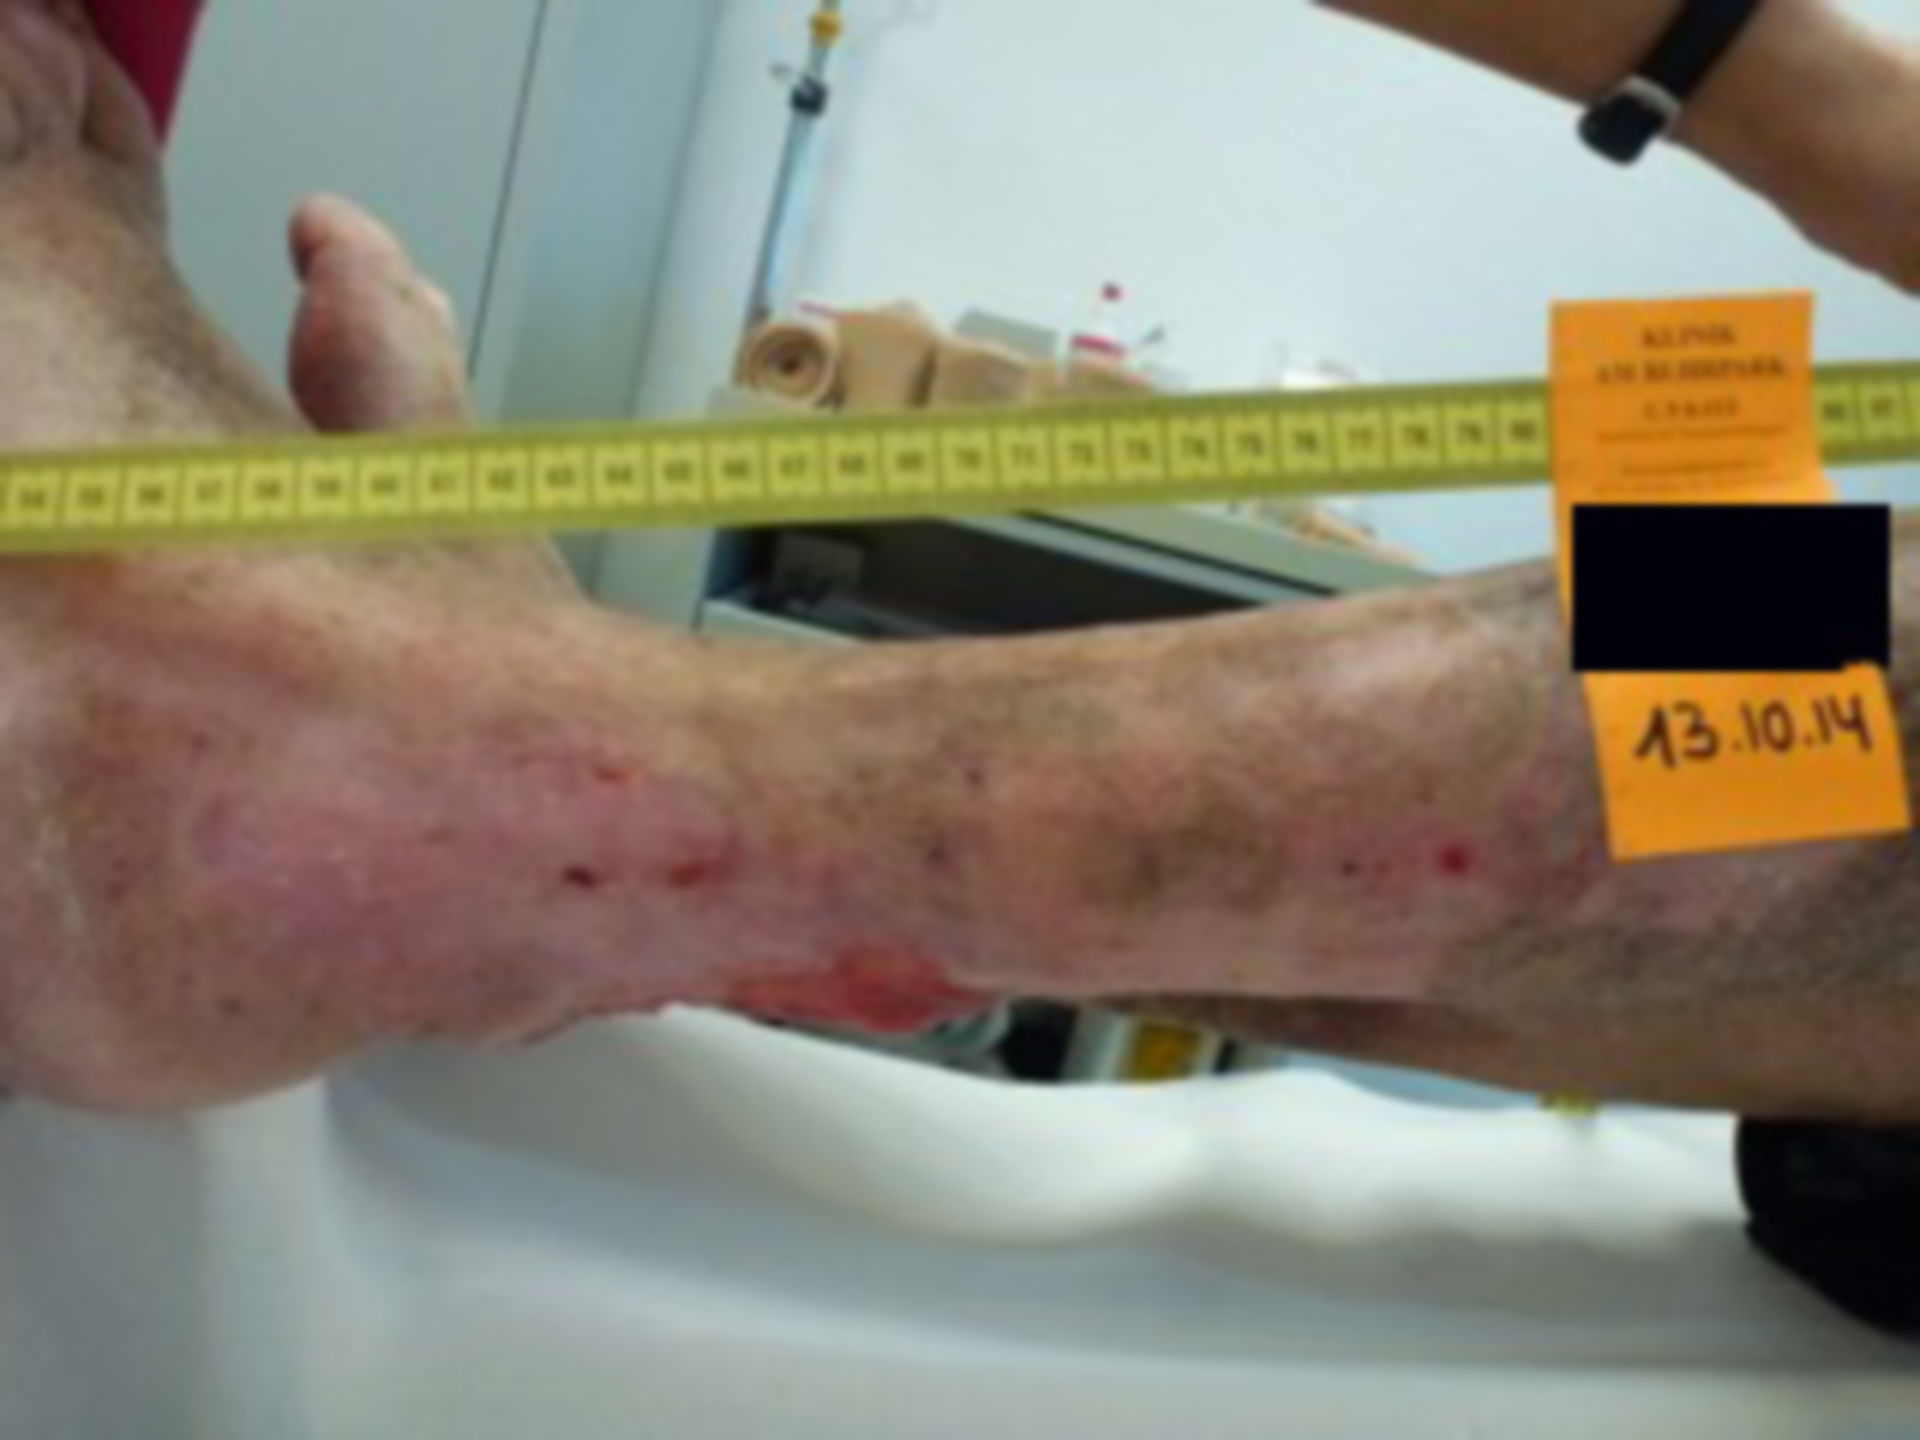 Úlcera de la pierna - abierta por 40 años (32)